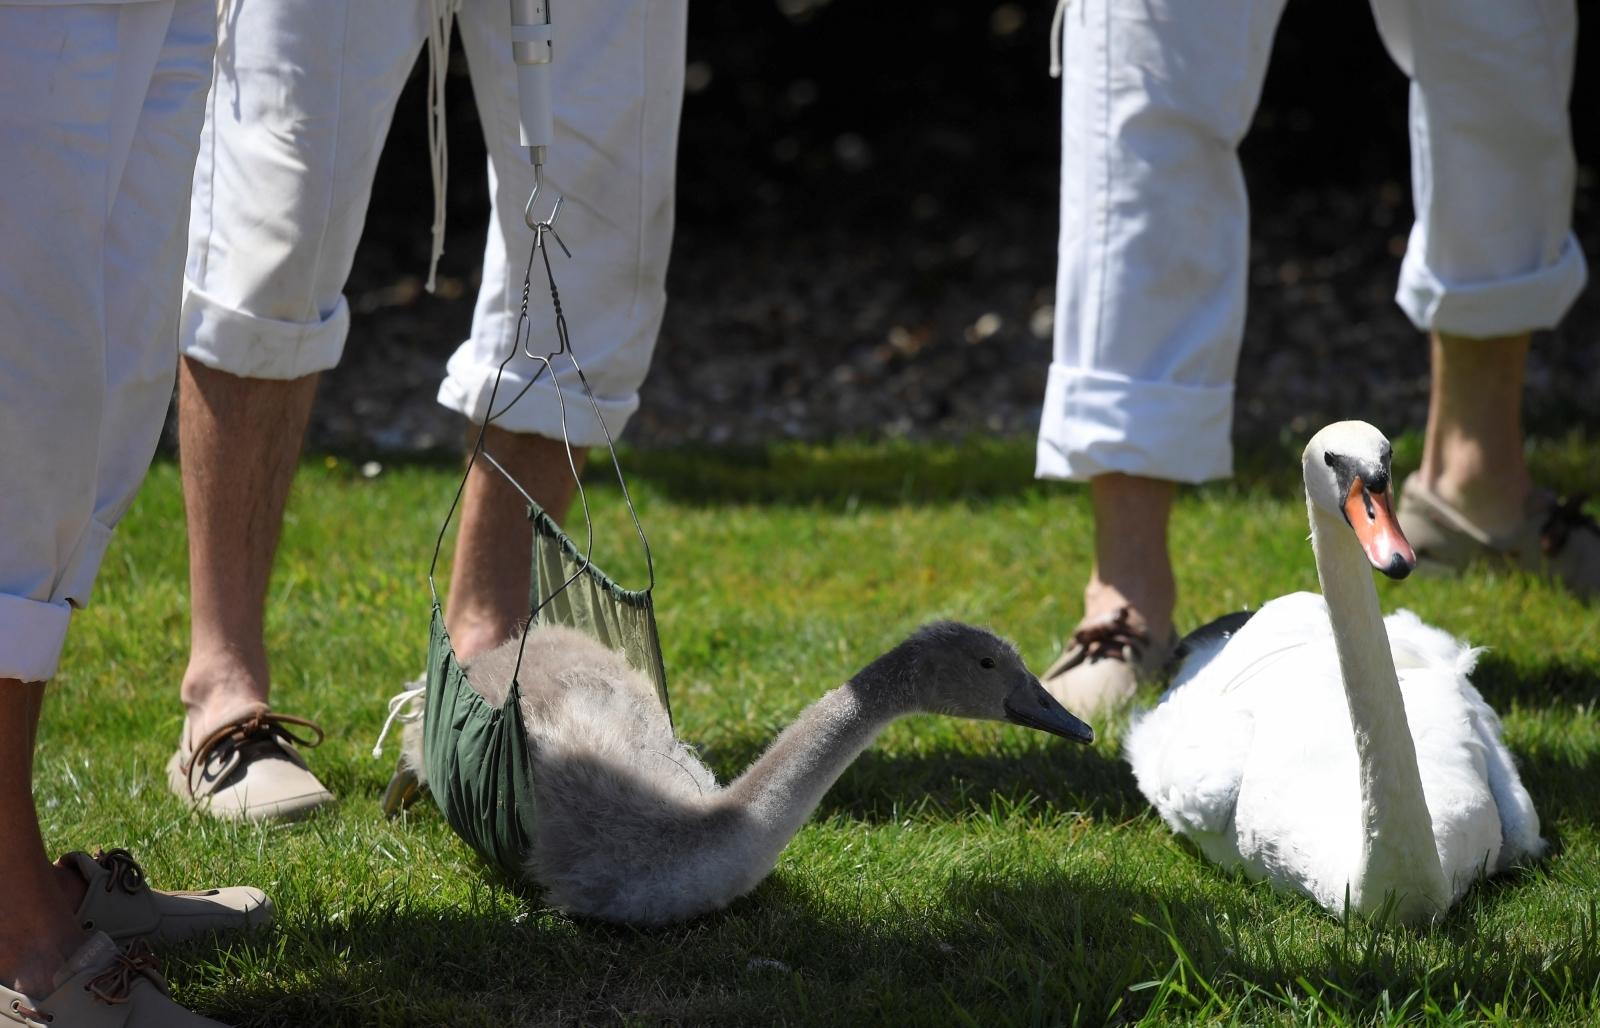 Queen's swans